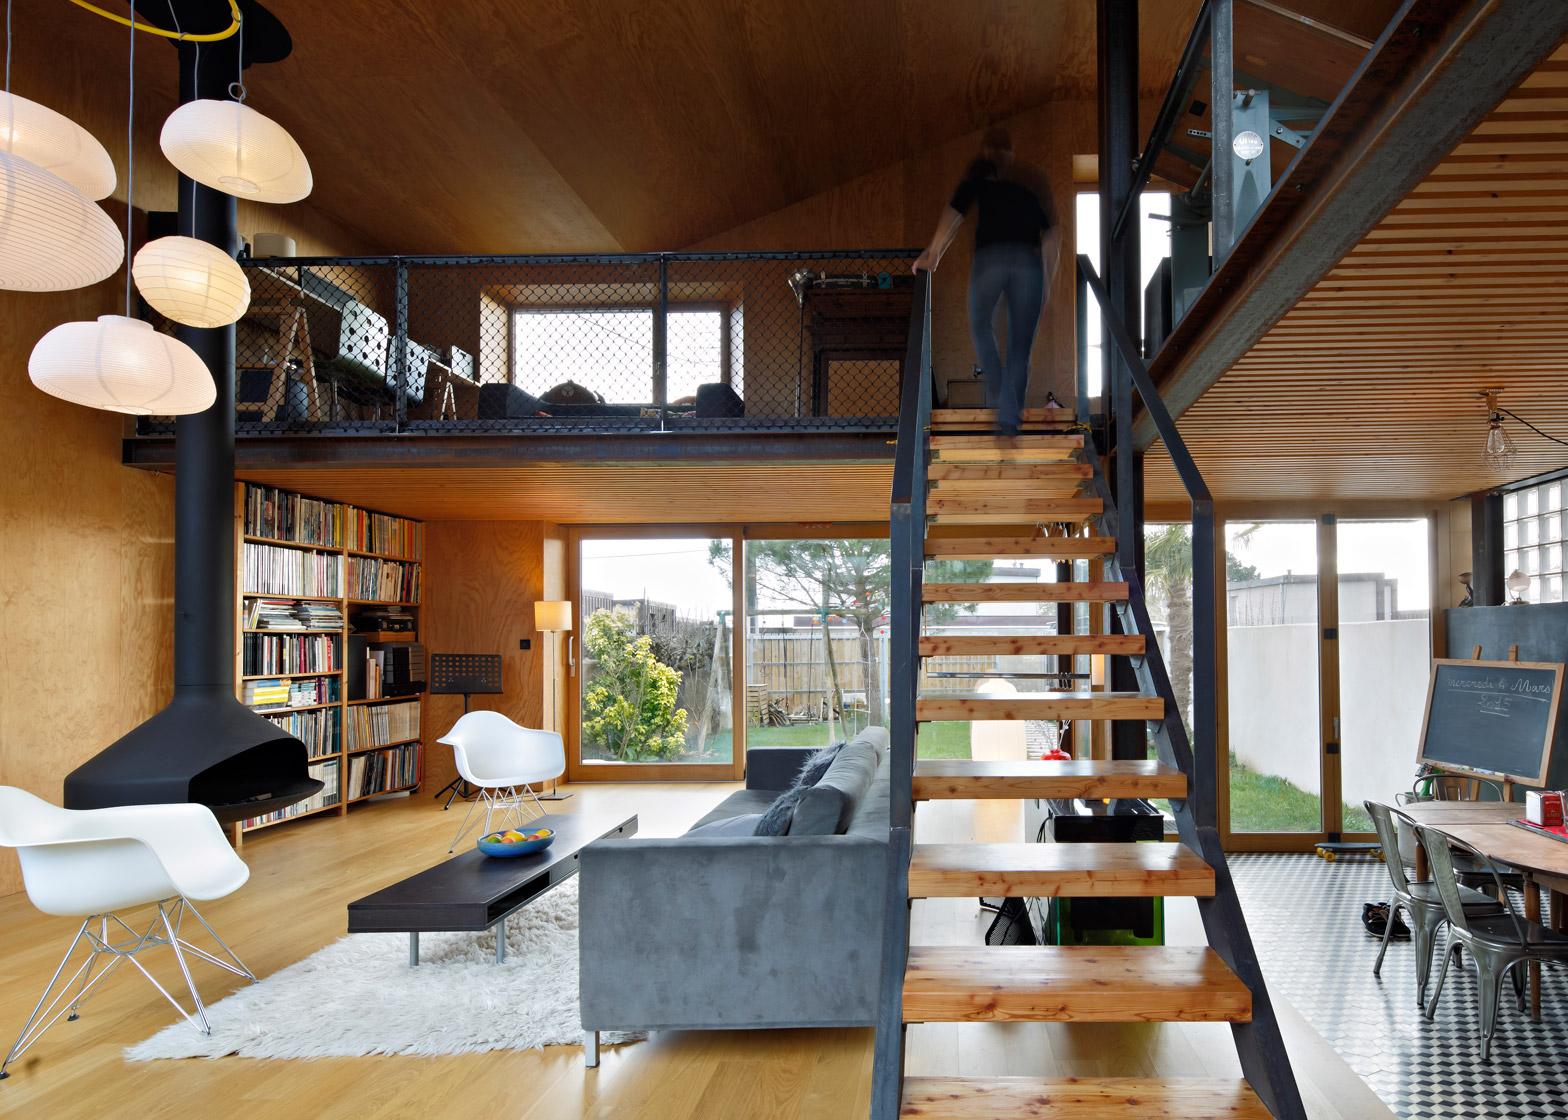 Mabire-Reich\'s Landscape House has decked roof terraces